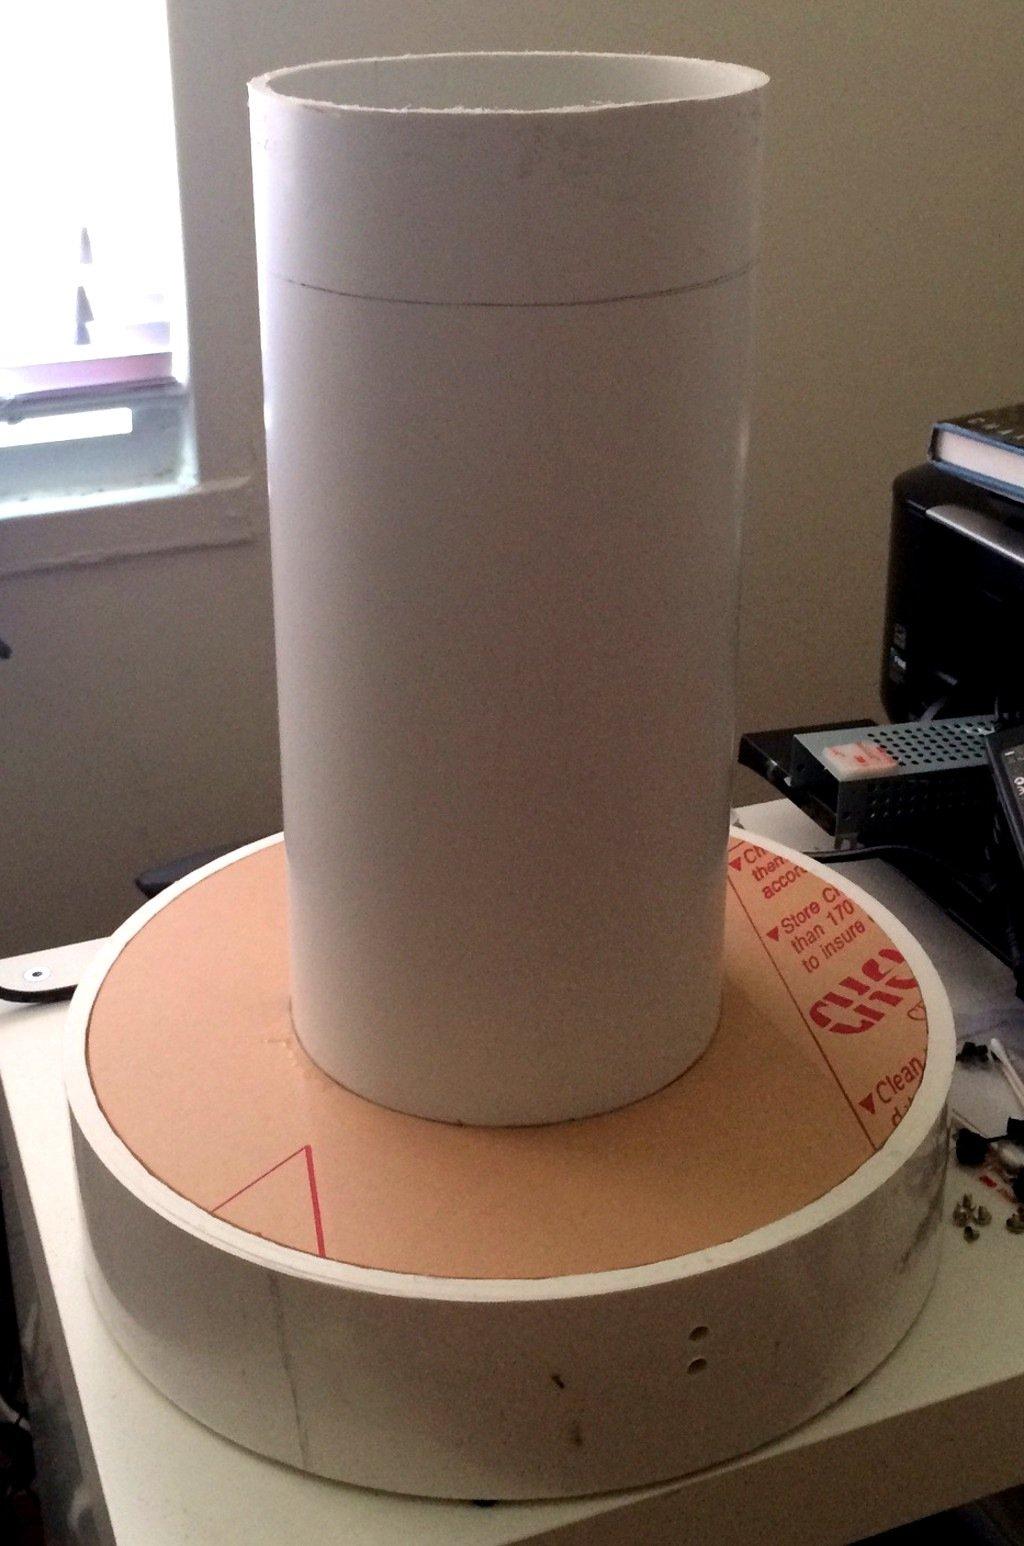 Das Gehäuse von Guaraccis Rechnerist 40 Zentimeter hoch und stammtaus dem Baumarkt.